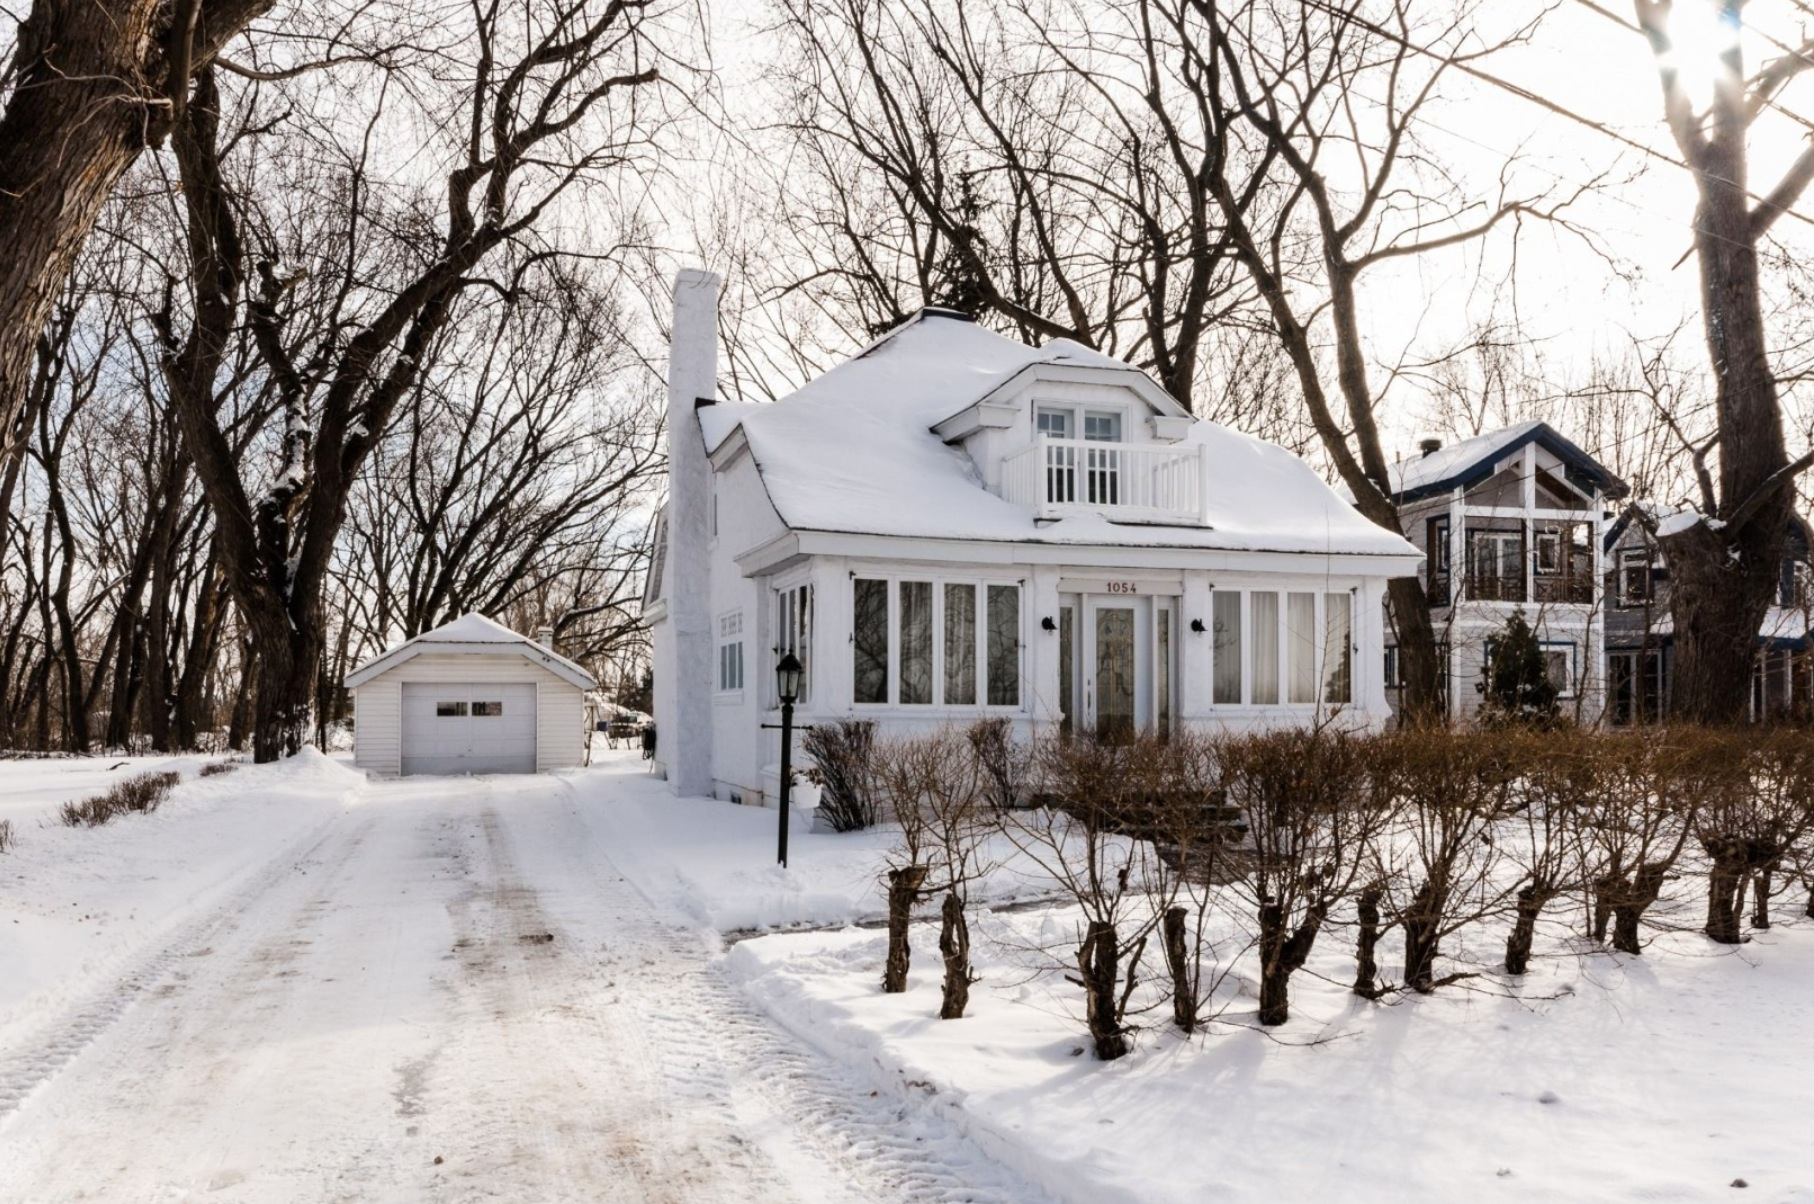 Maison-etages-boucherville-vieux-village-joli-Design-Quebec-12